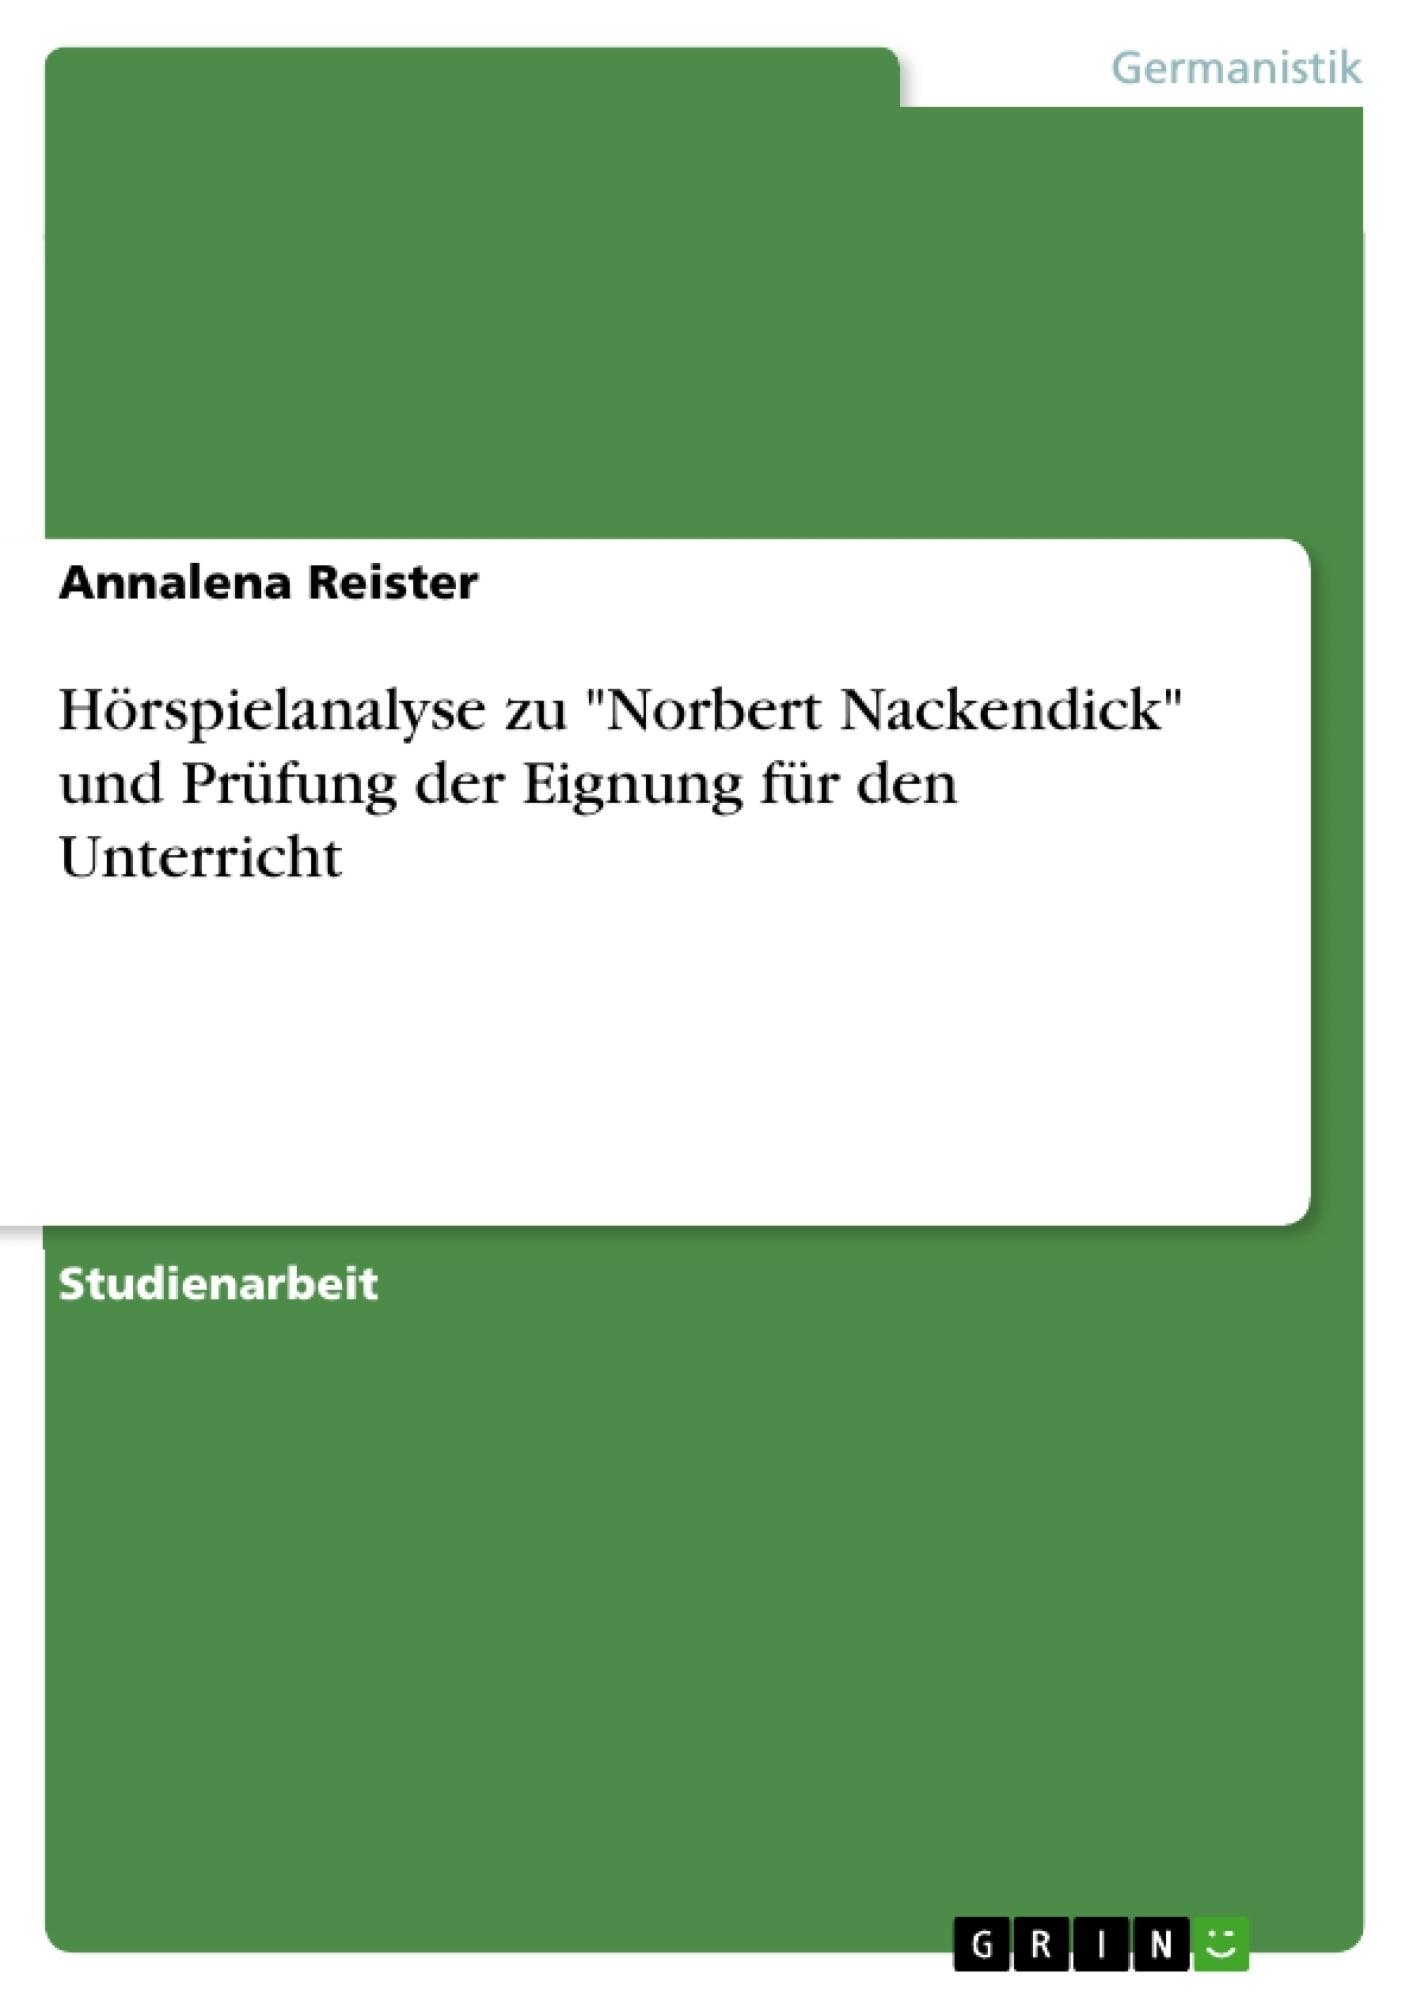 """Titel: Hörspielanalyse zu """"Norbert Nackendick"""" und Prüfung der Eignung für den Unterricht"""